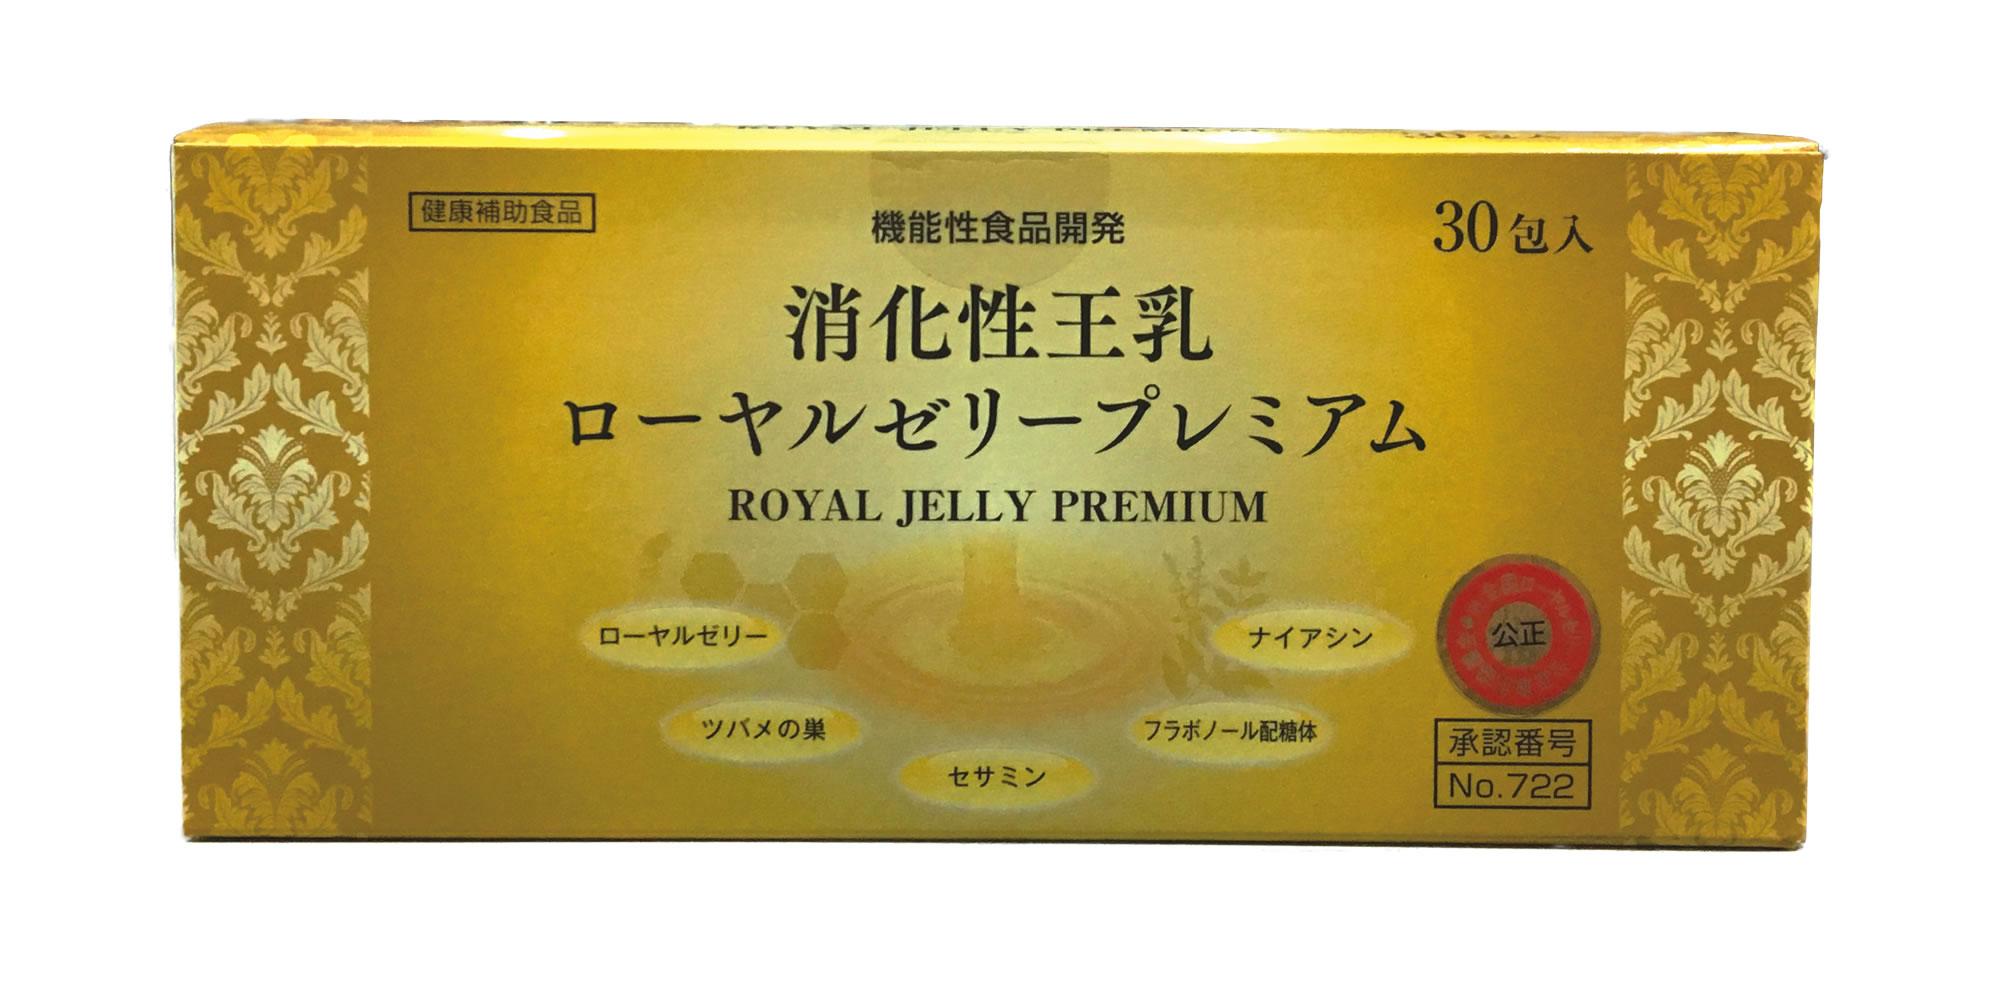 消化性王乳ローヤルゼリープレミアム(30袋)